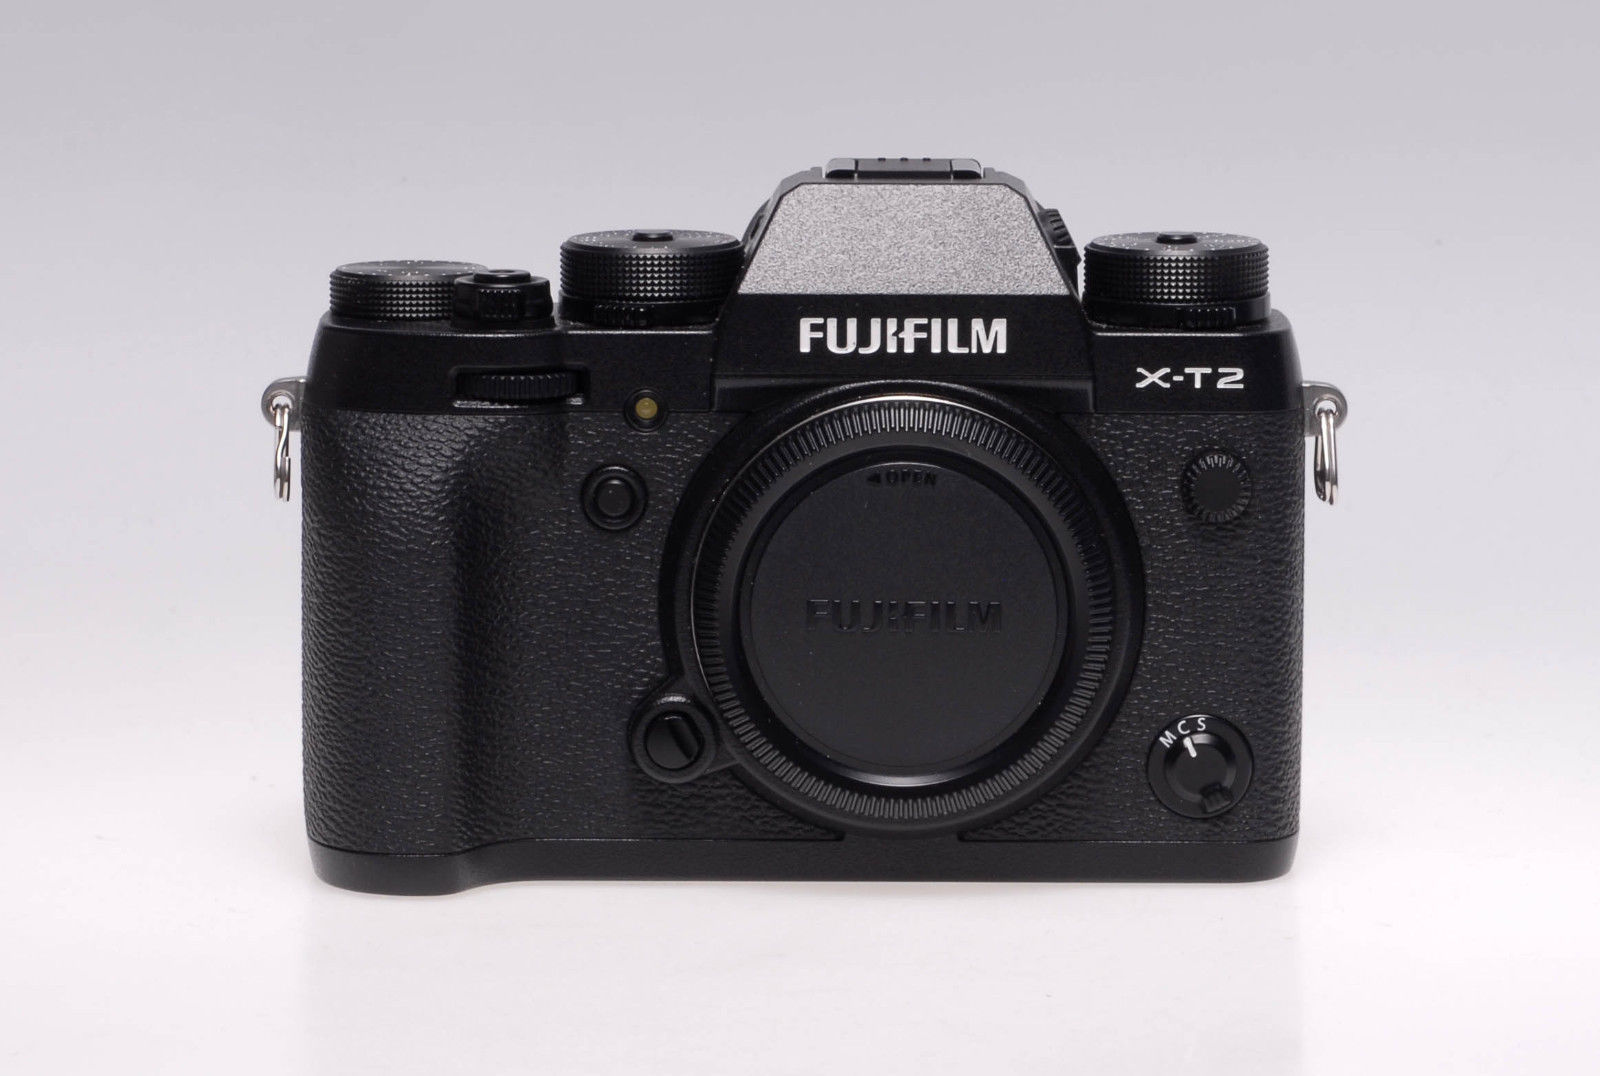 Fujifilm X series X-T2 24.3MP Digitalkamera - Schwarz - Gehäuse - gebraucht